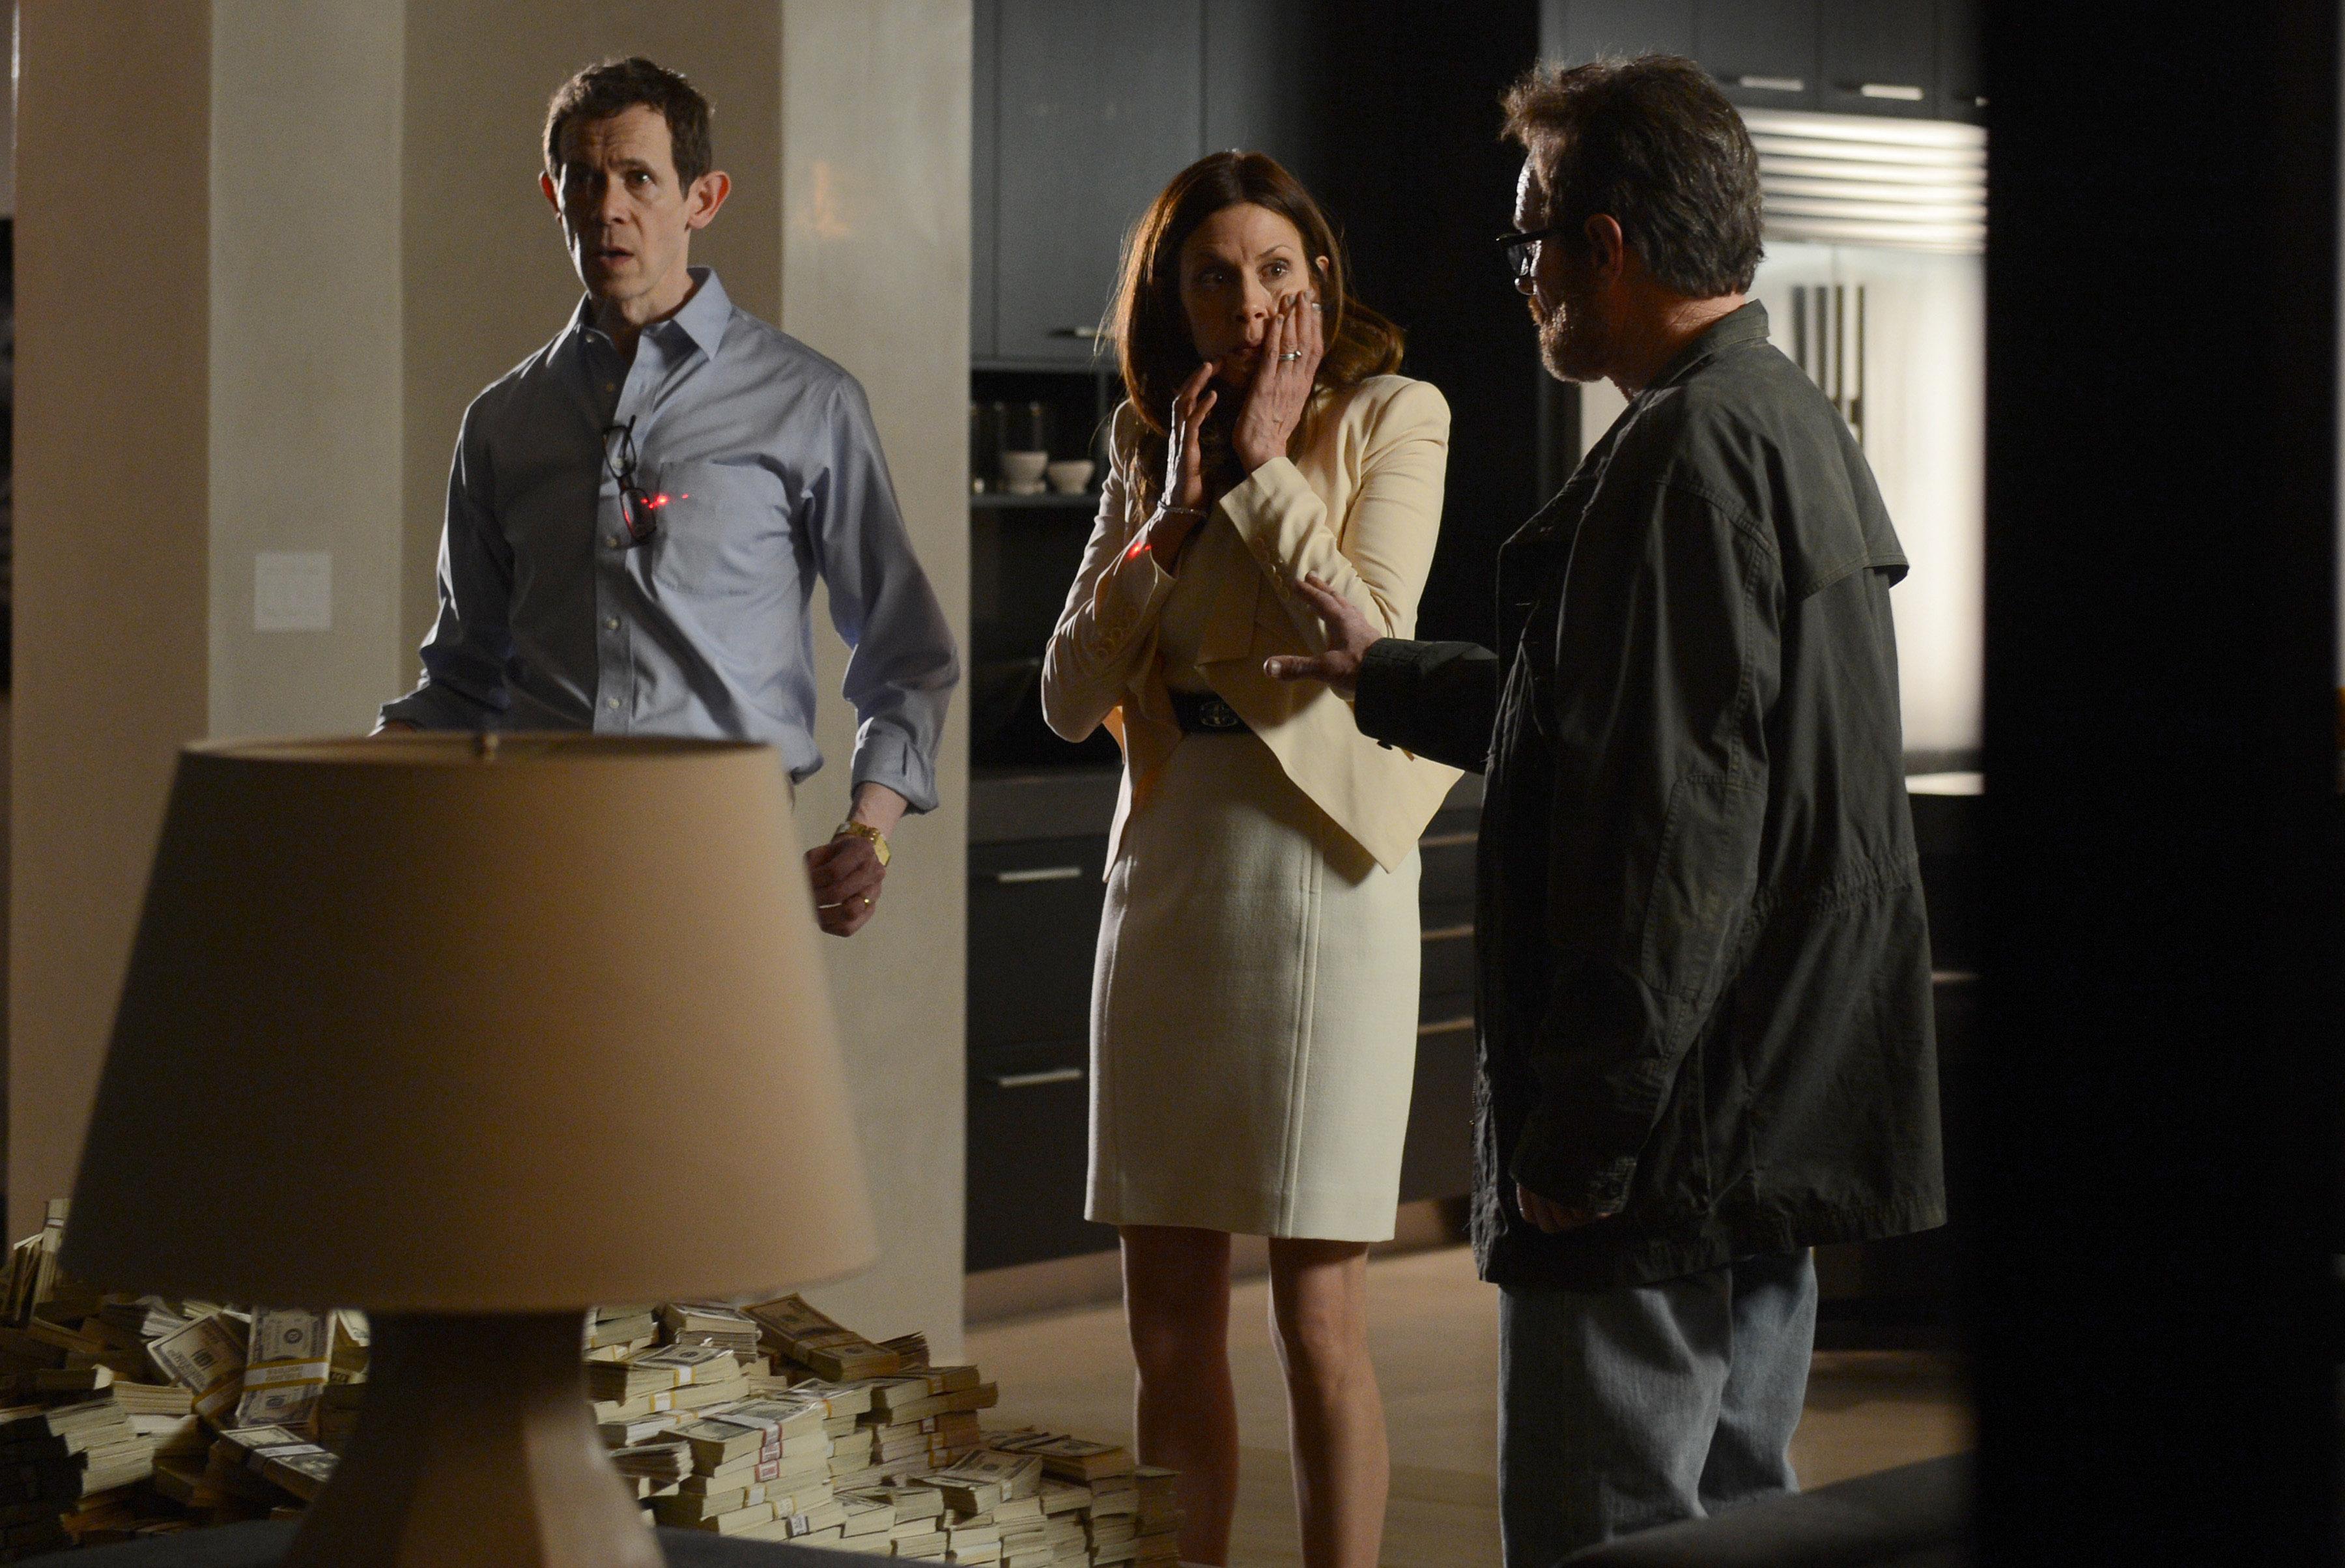 Adam Godley as Elliott Schwartz, Jessica Hecht as Gretchen Schwartz and Brayn Cranston as Walter White in Breaking Bad Season 5, Episode 16